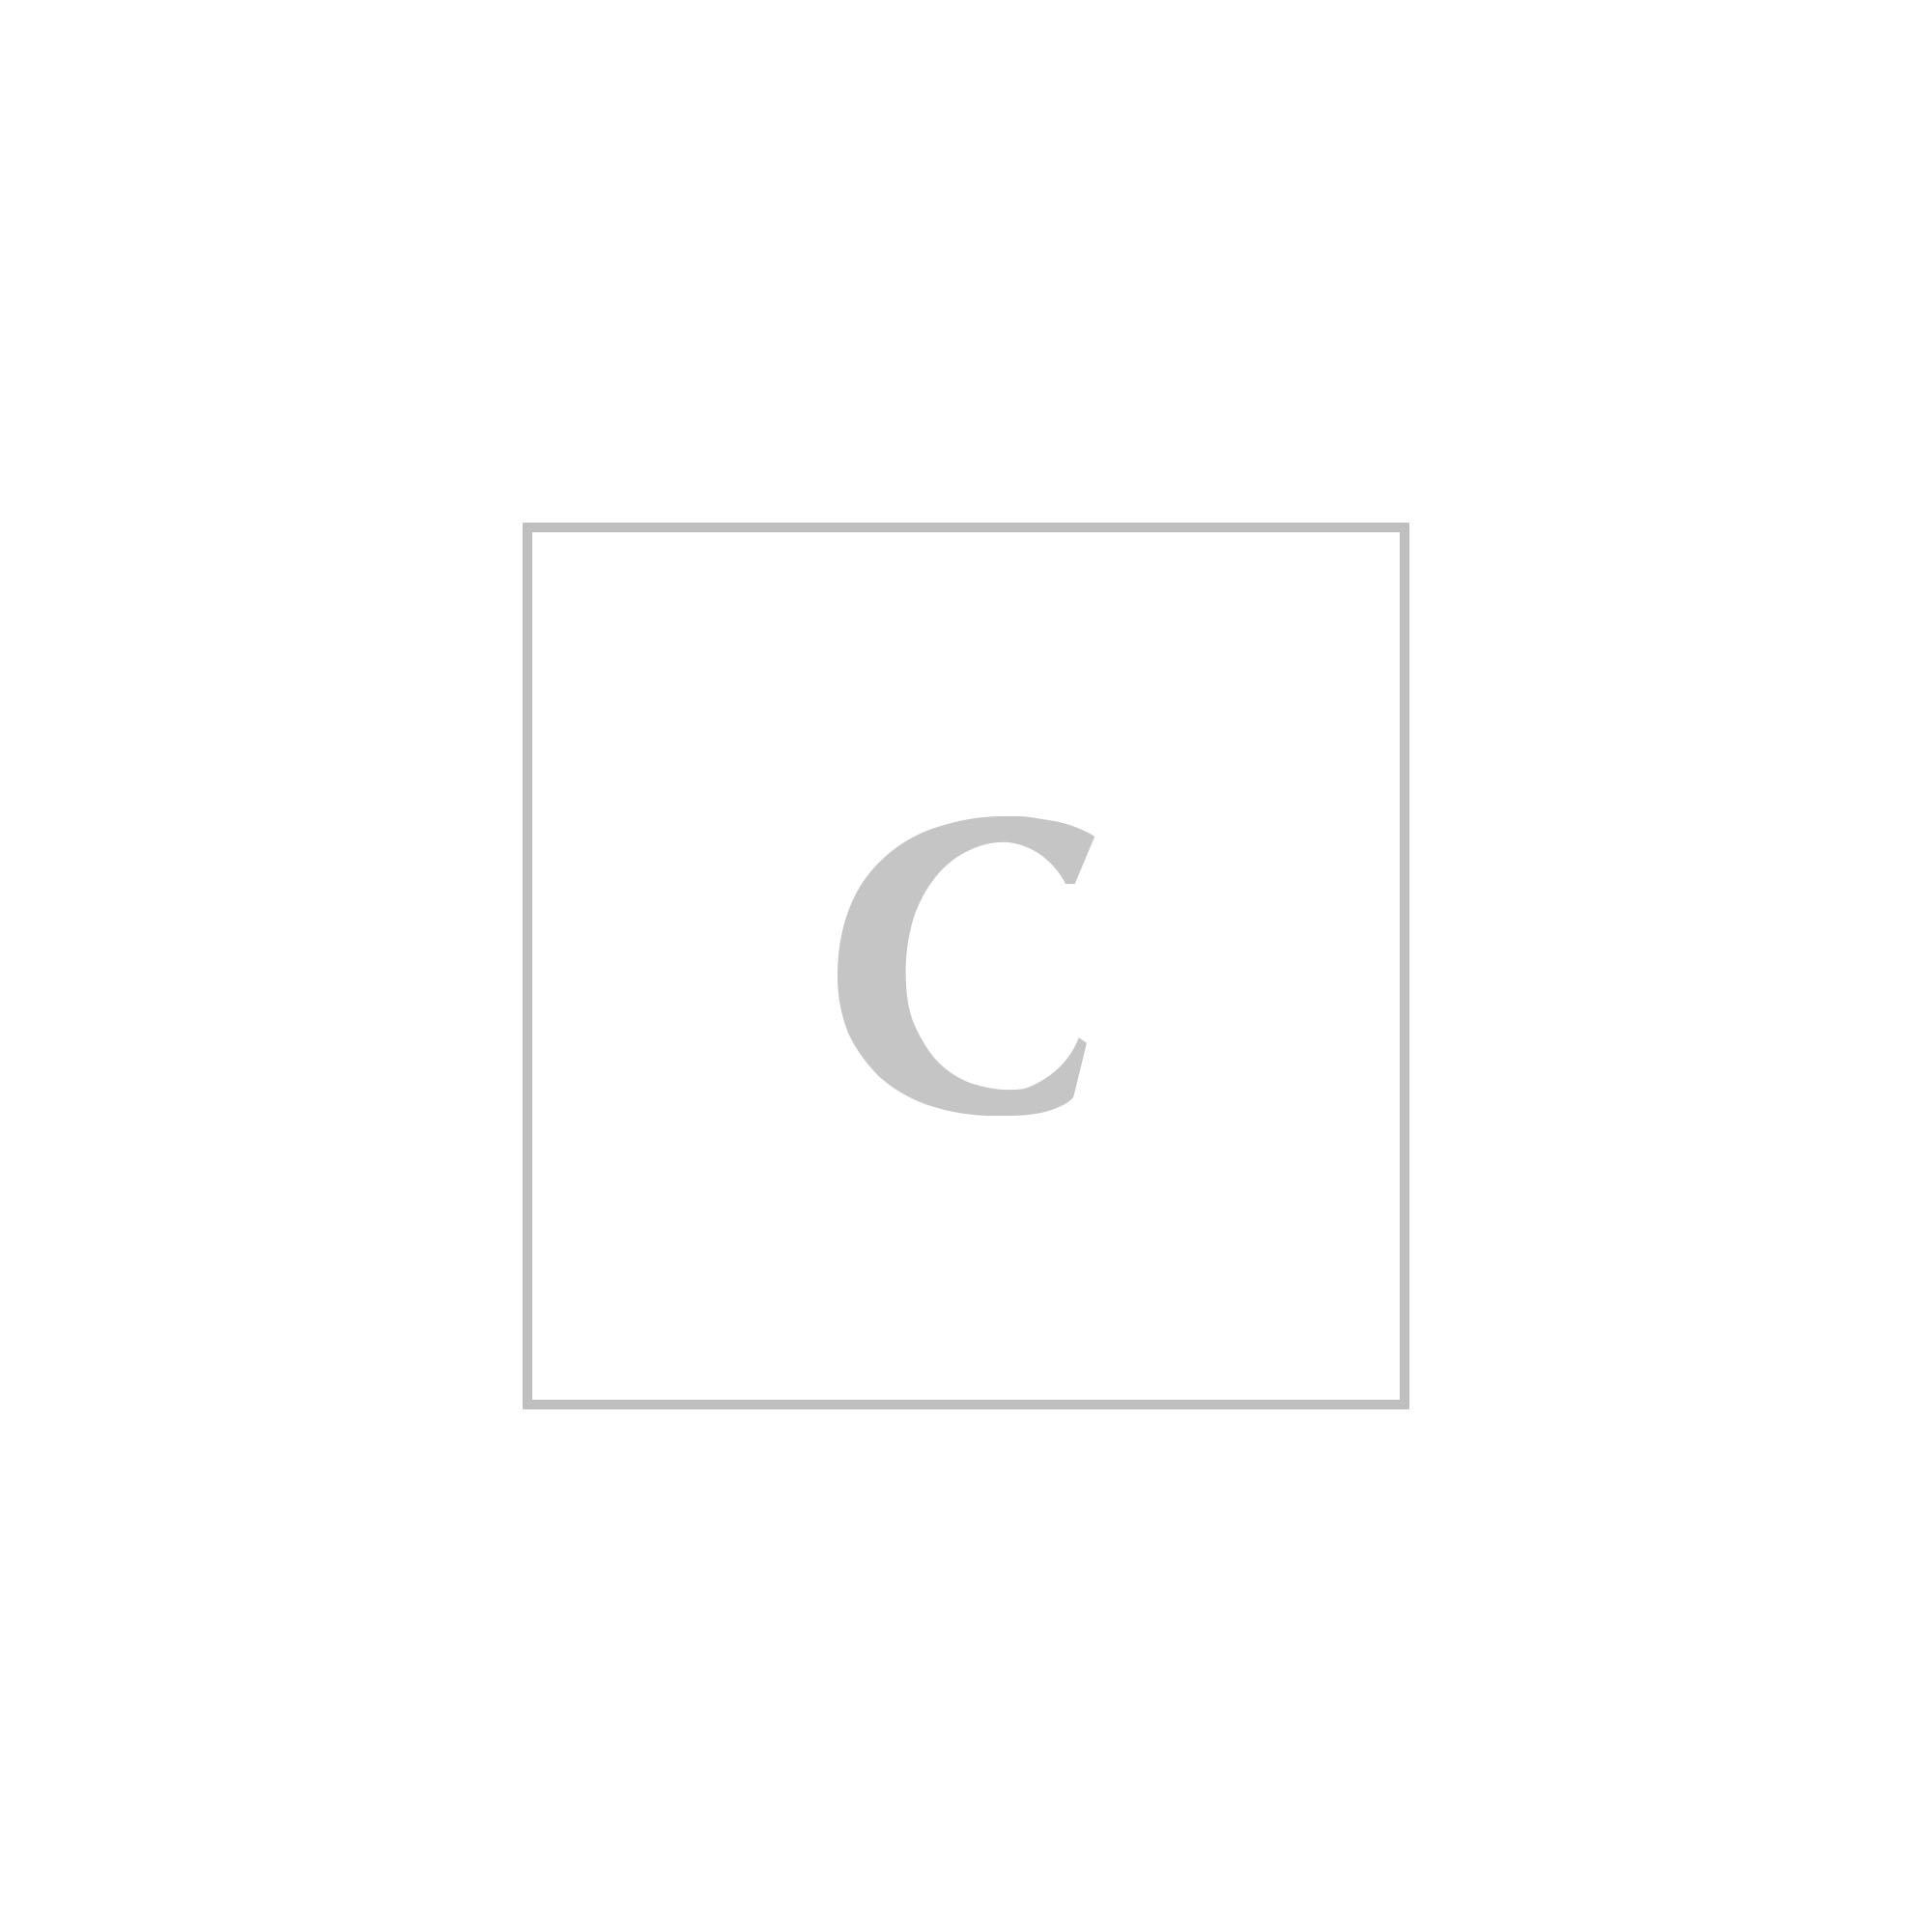 c0003f49fe01 Belts Burberry for Uomo Colori Misti